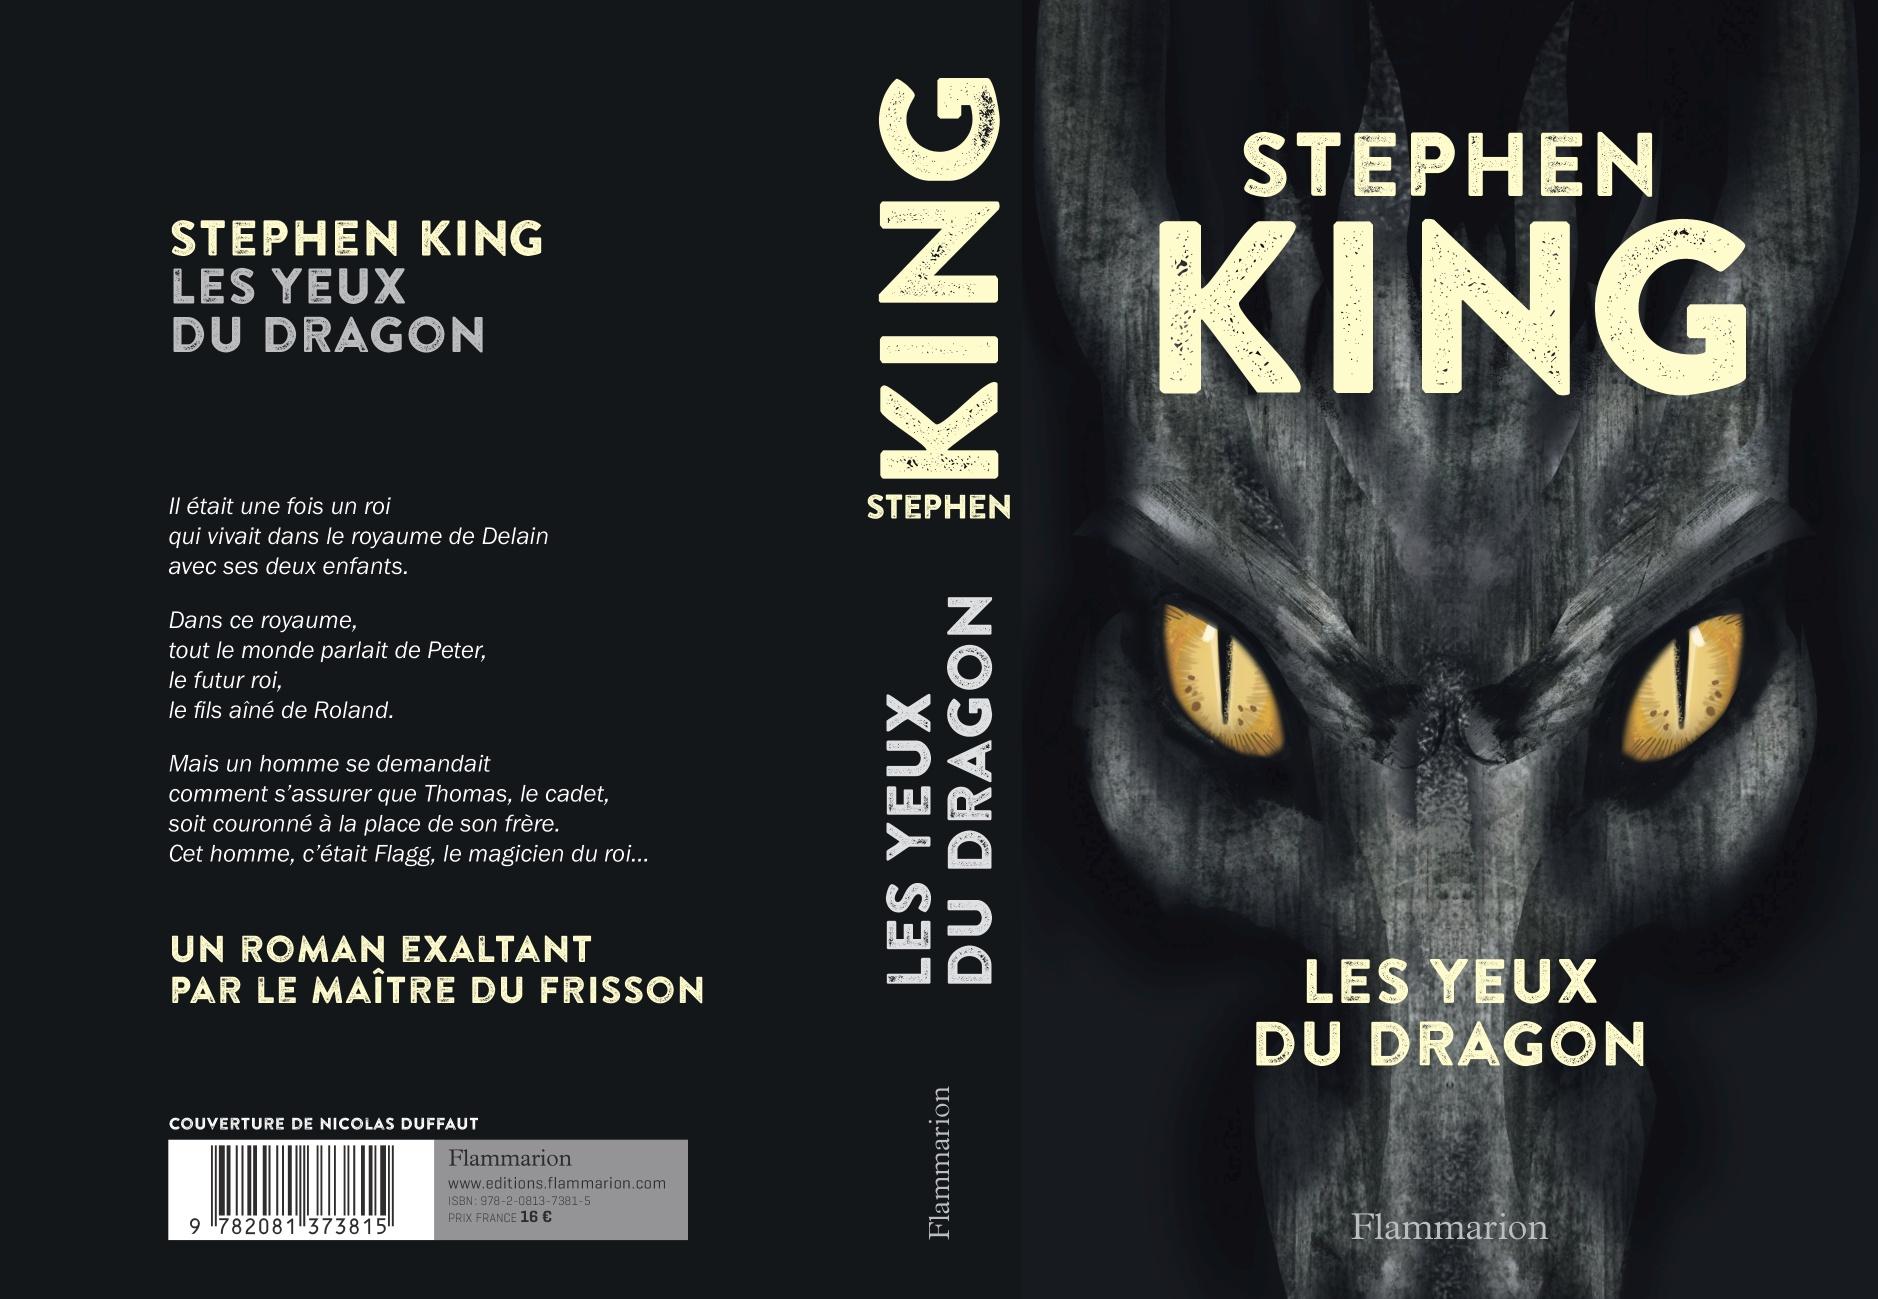 9782081373815_LesYeuxDuDragon_Aplat_stephen-king-2